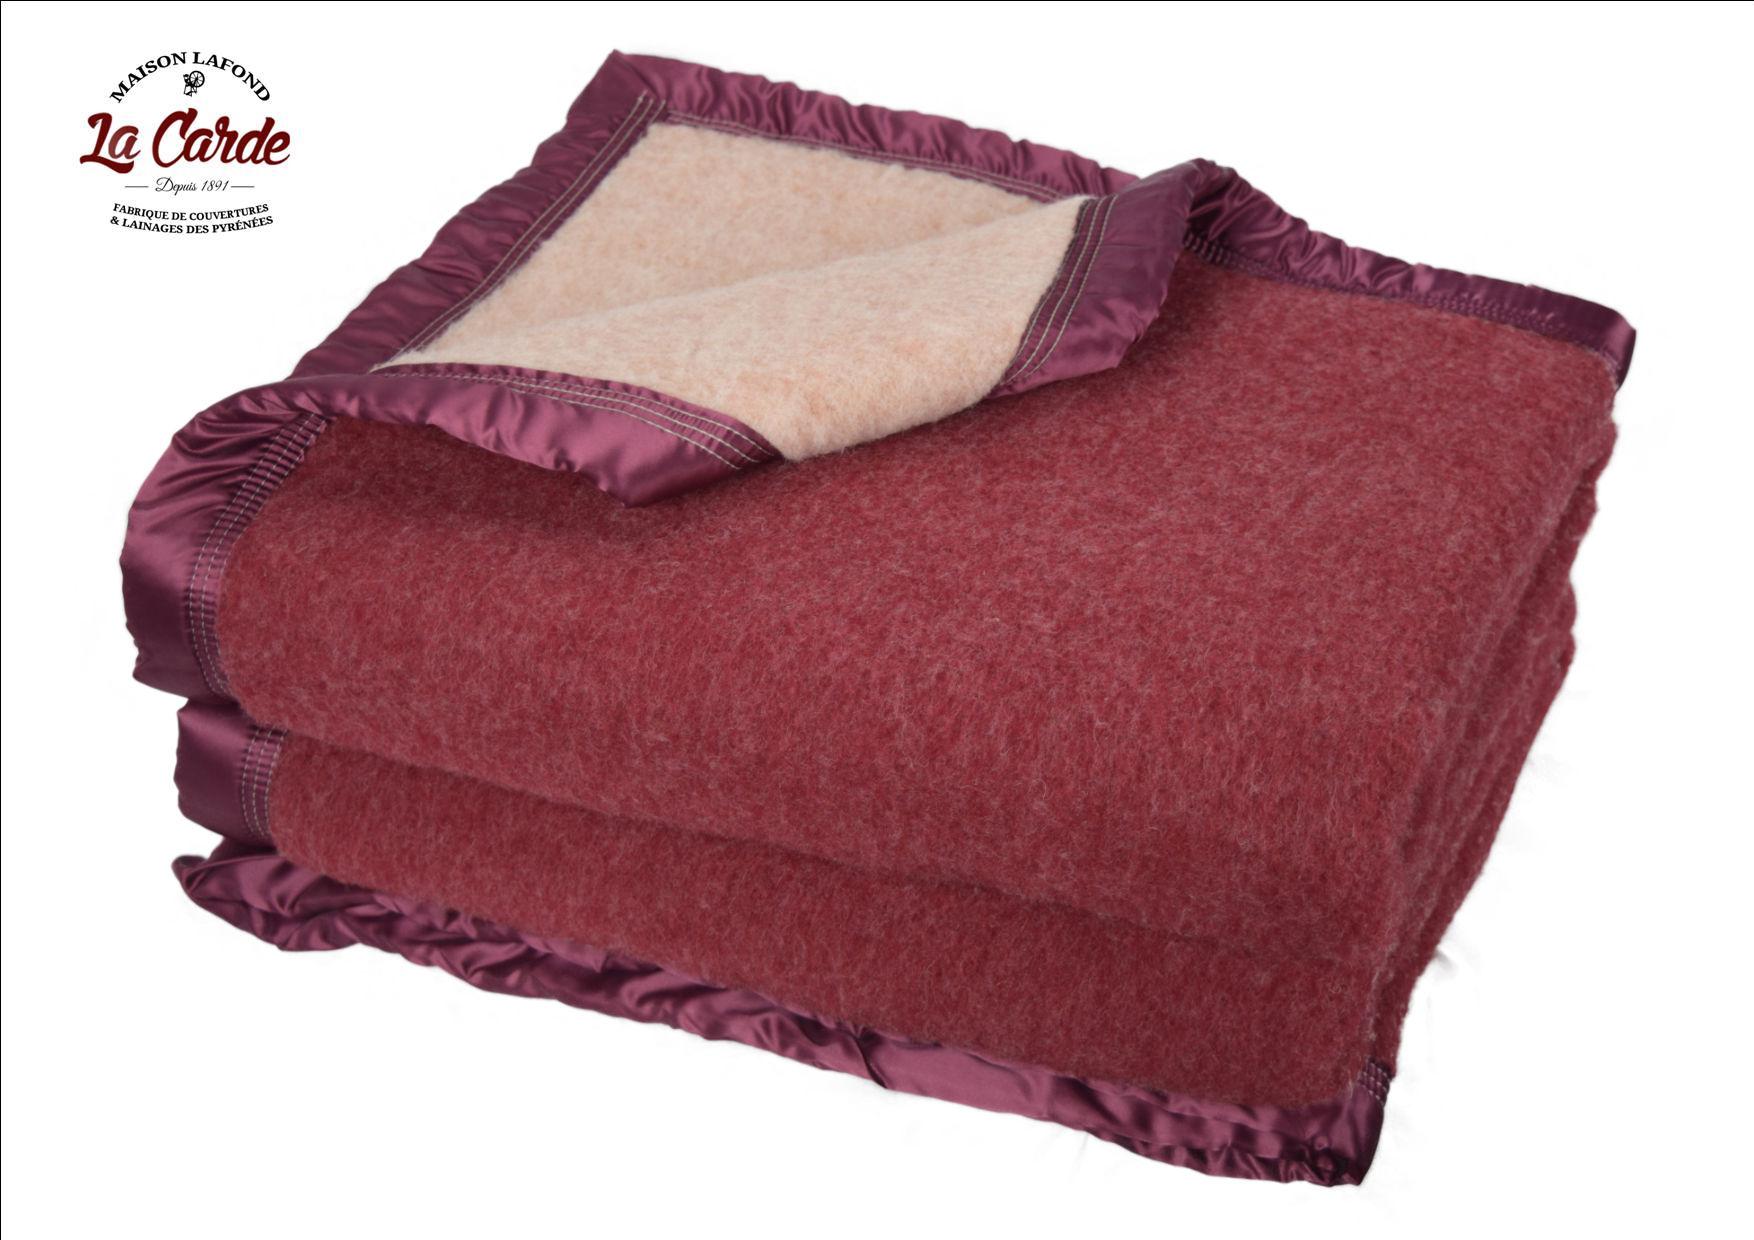 Couverture en laine bordeaux - La Carde